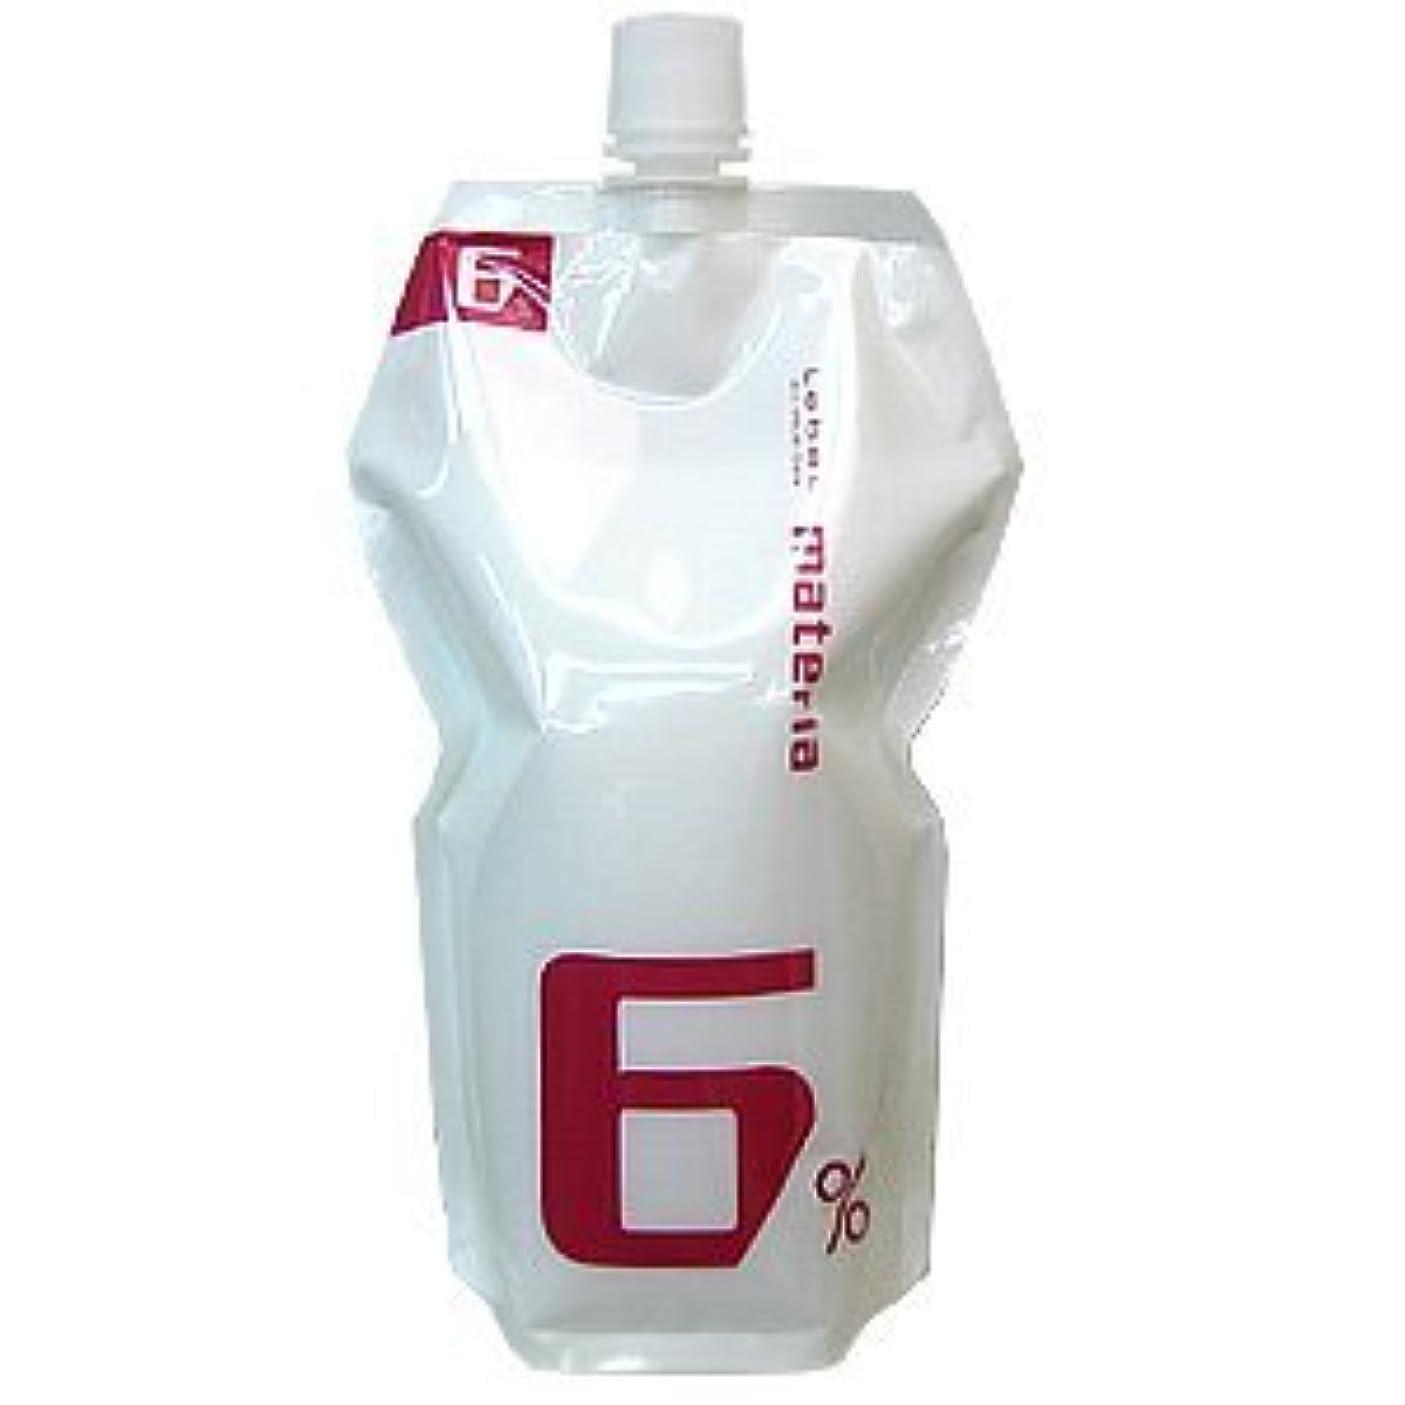 間違い息苦しいヒュームルベル マテリア インテグラルライン オキシ 1000mL 6%(ヘアカラー2剤) 医薬部外品